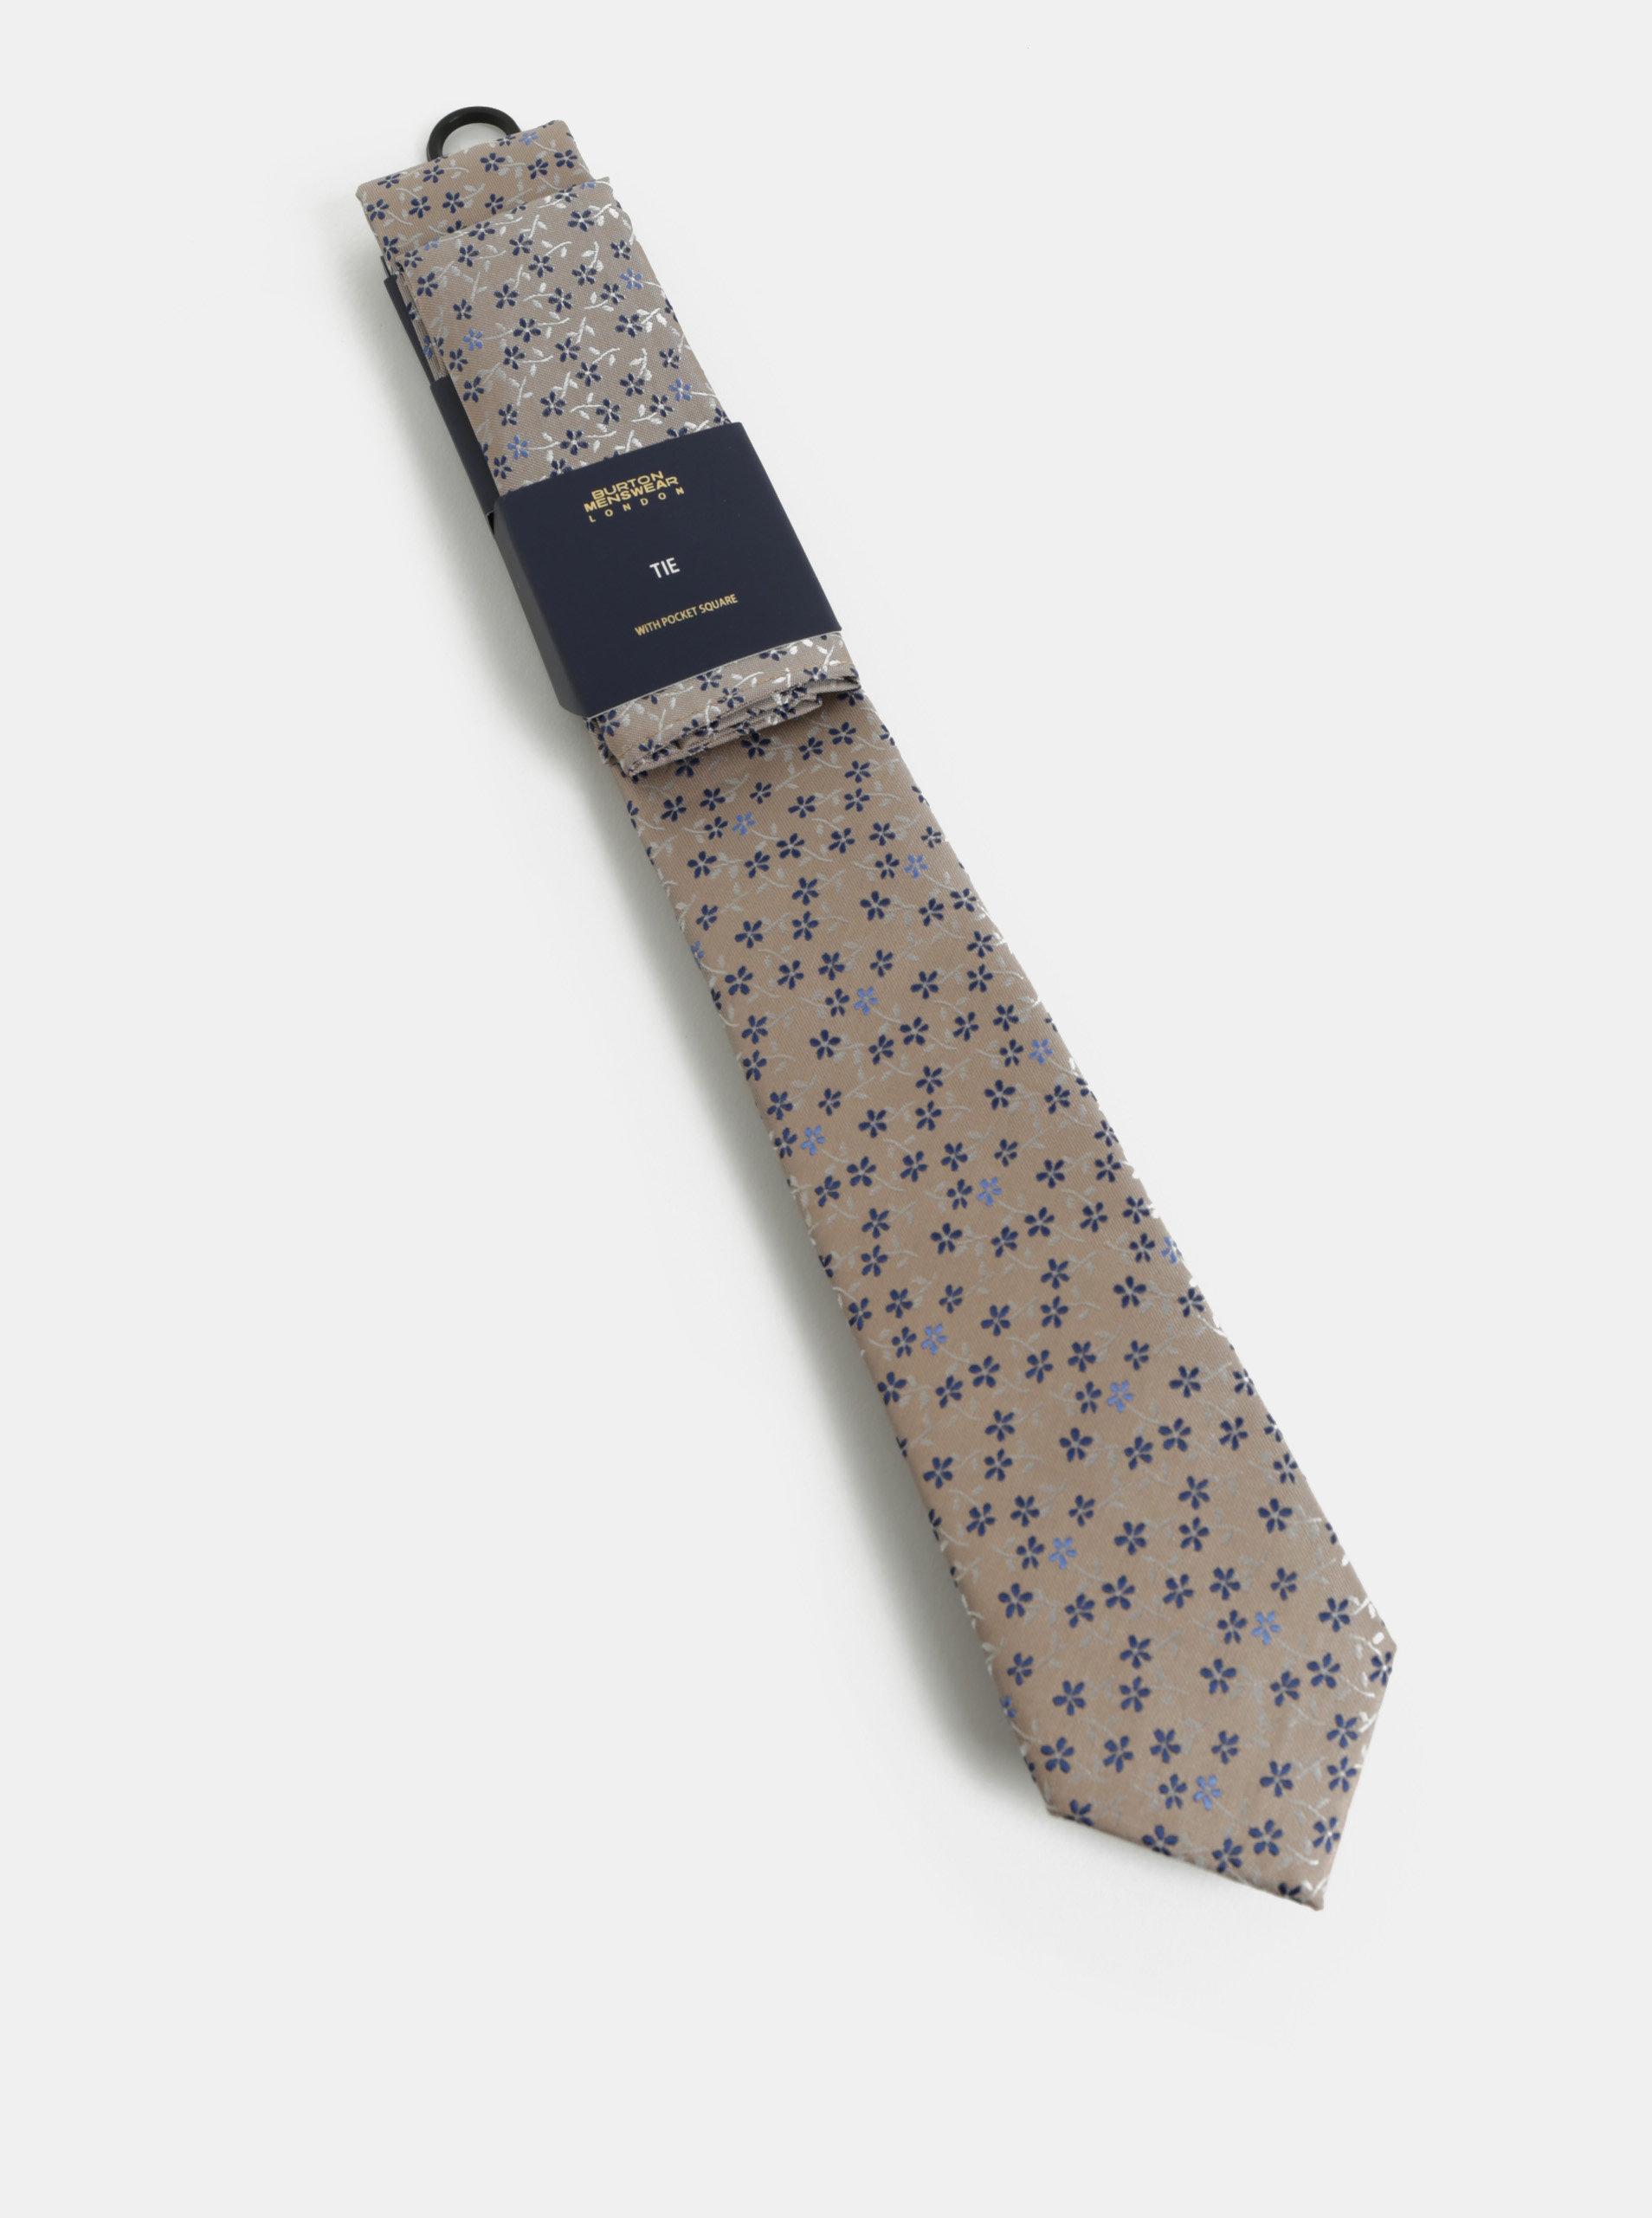 fc172f03065 Béžová vzorovaná slim kravata s kapesníčkem do klopy saka Burton Menswear  London ...